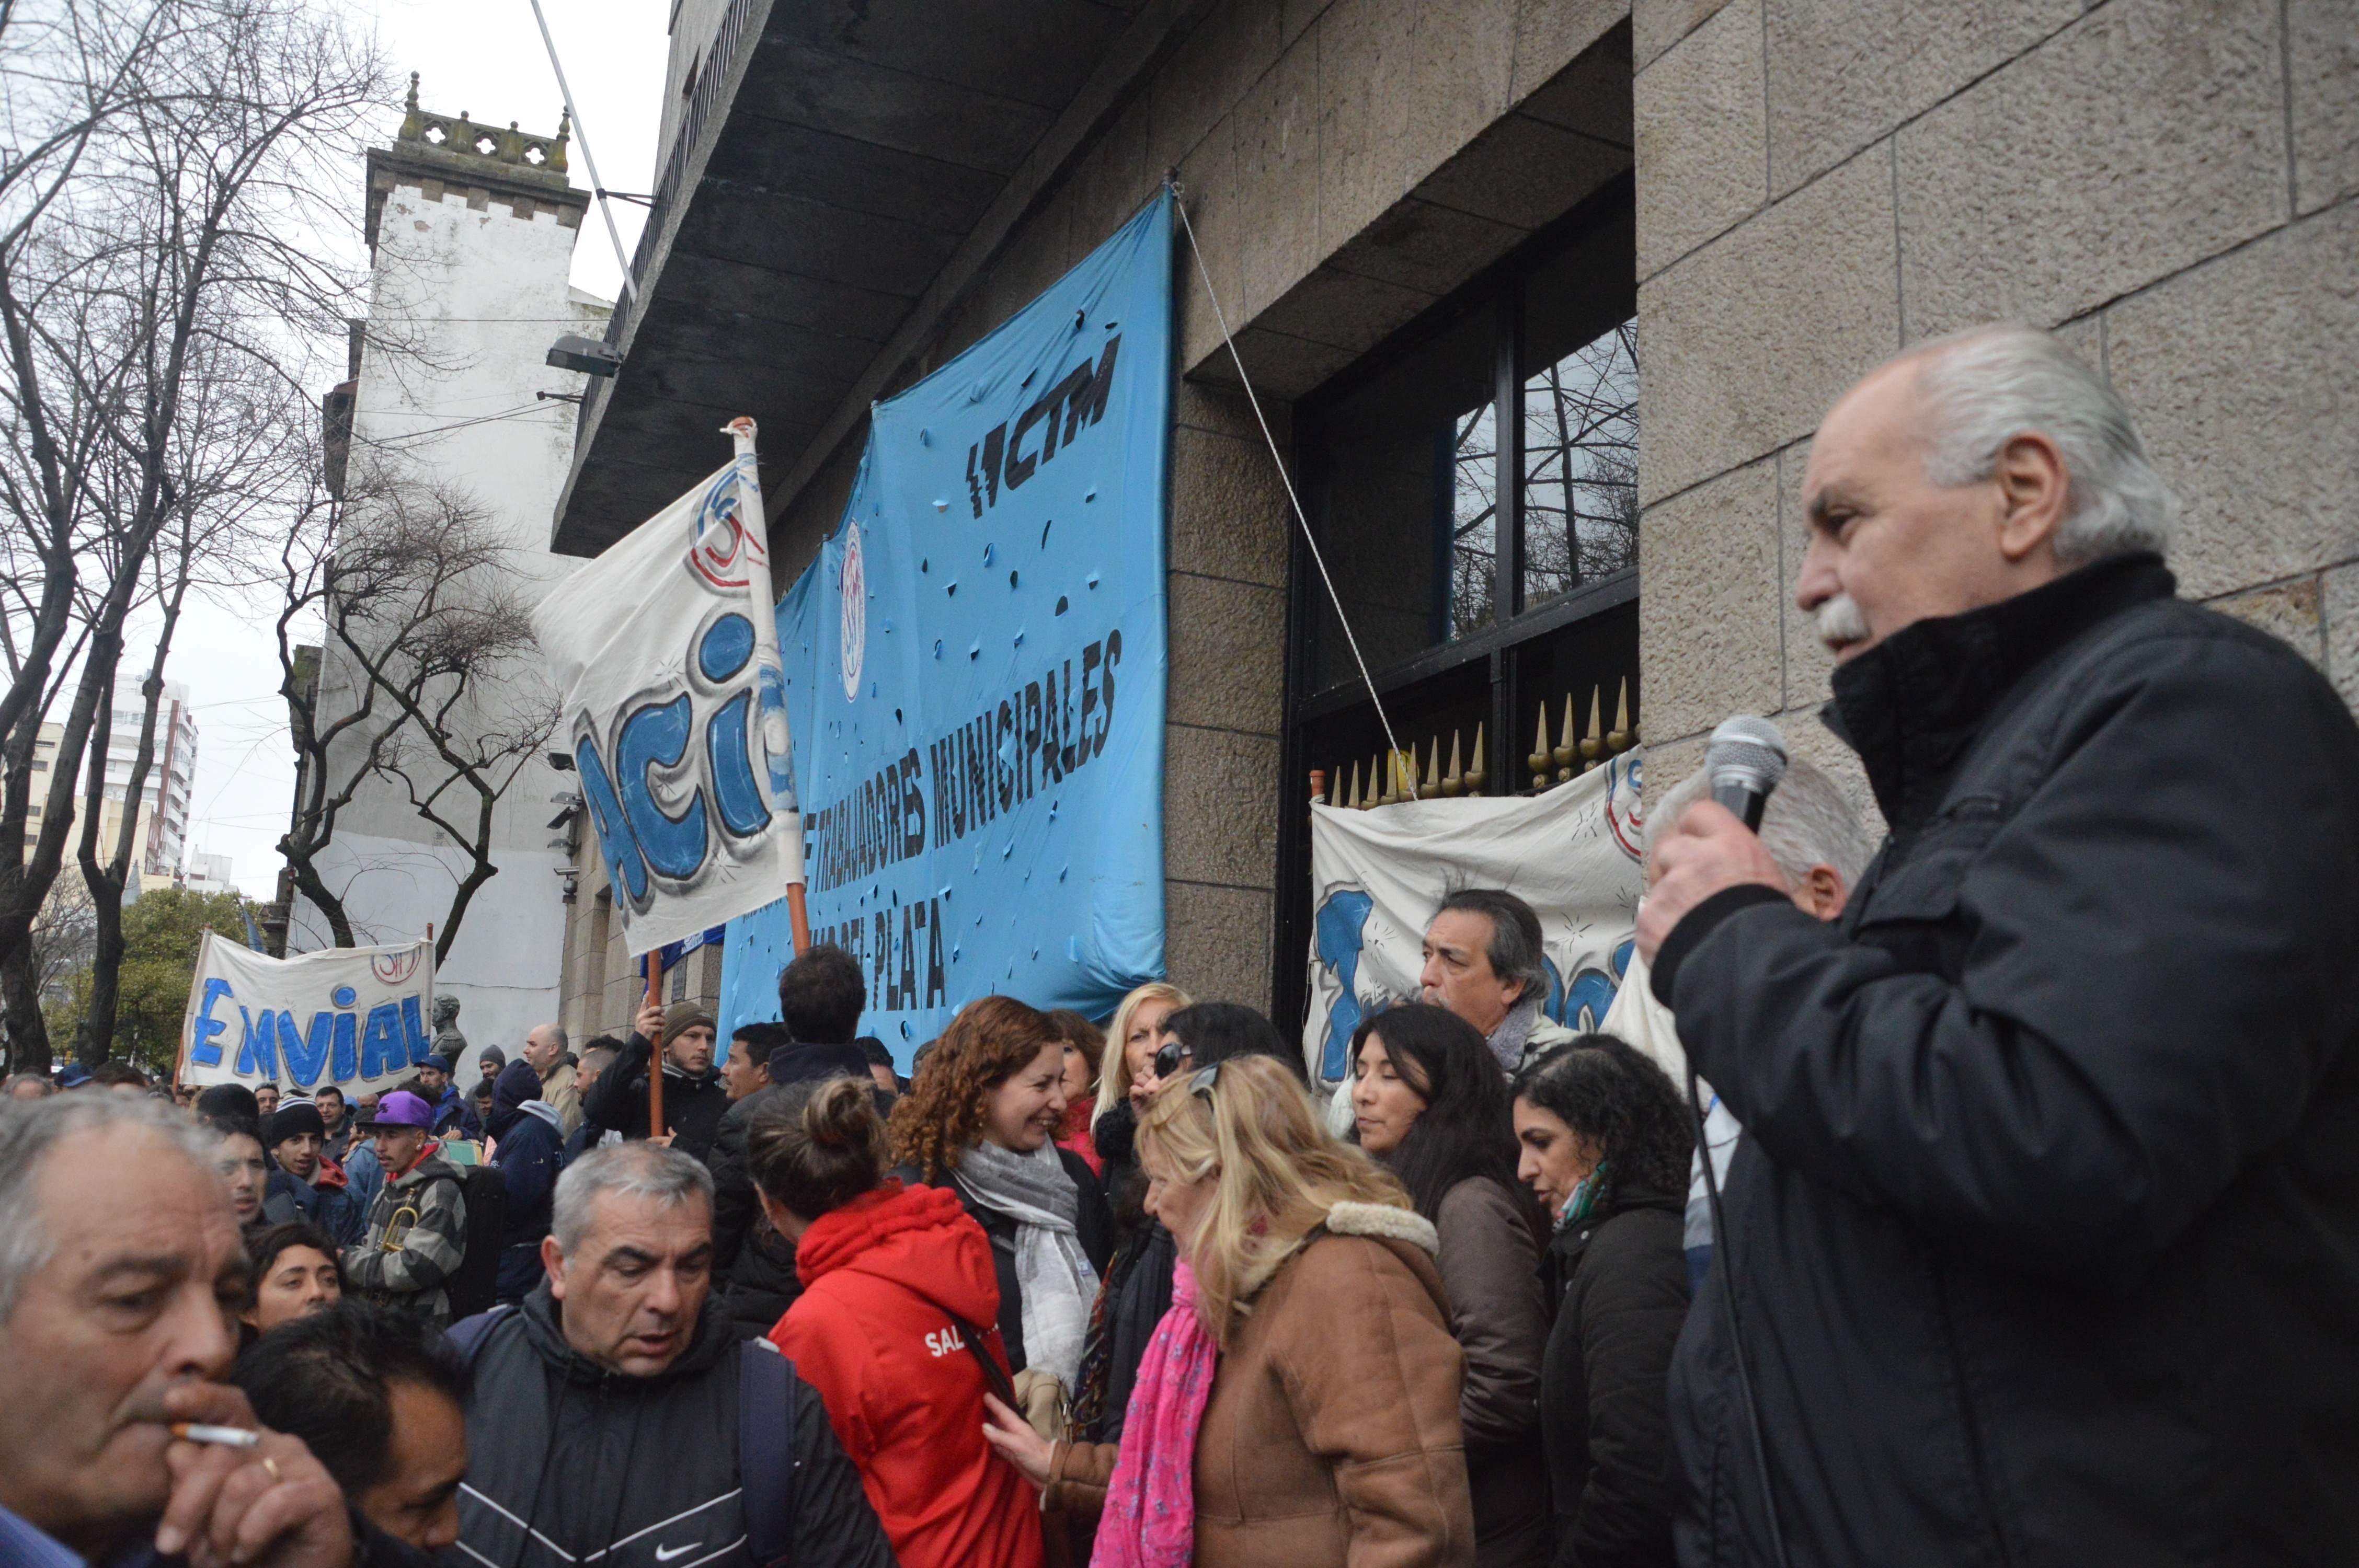 El jueves el Ejecutivo accederá al pedido del Sindicato de Trabajadores Municipales. Ofrecerá 8 por ciento de aumento para las paritarias del 2016. Por ahora, el conflicto queda superado.